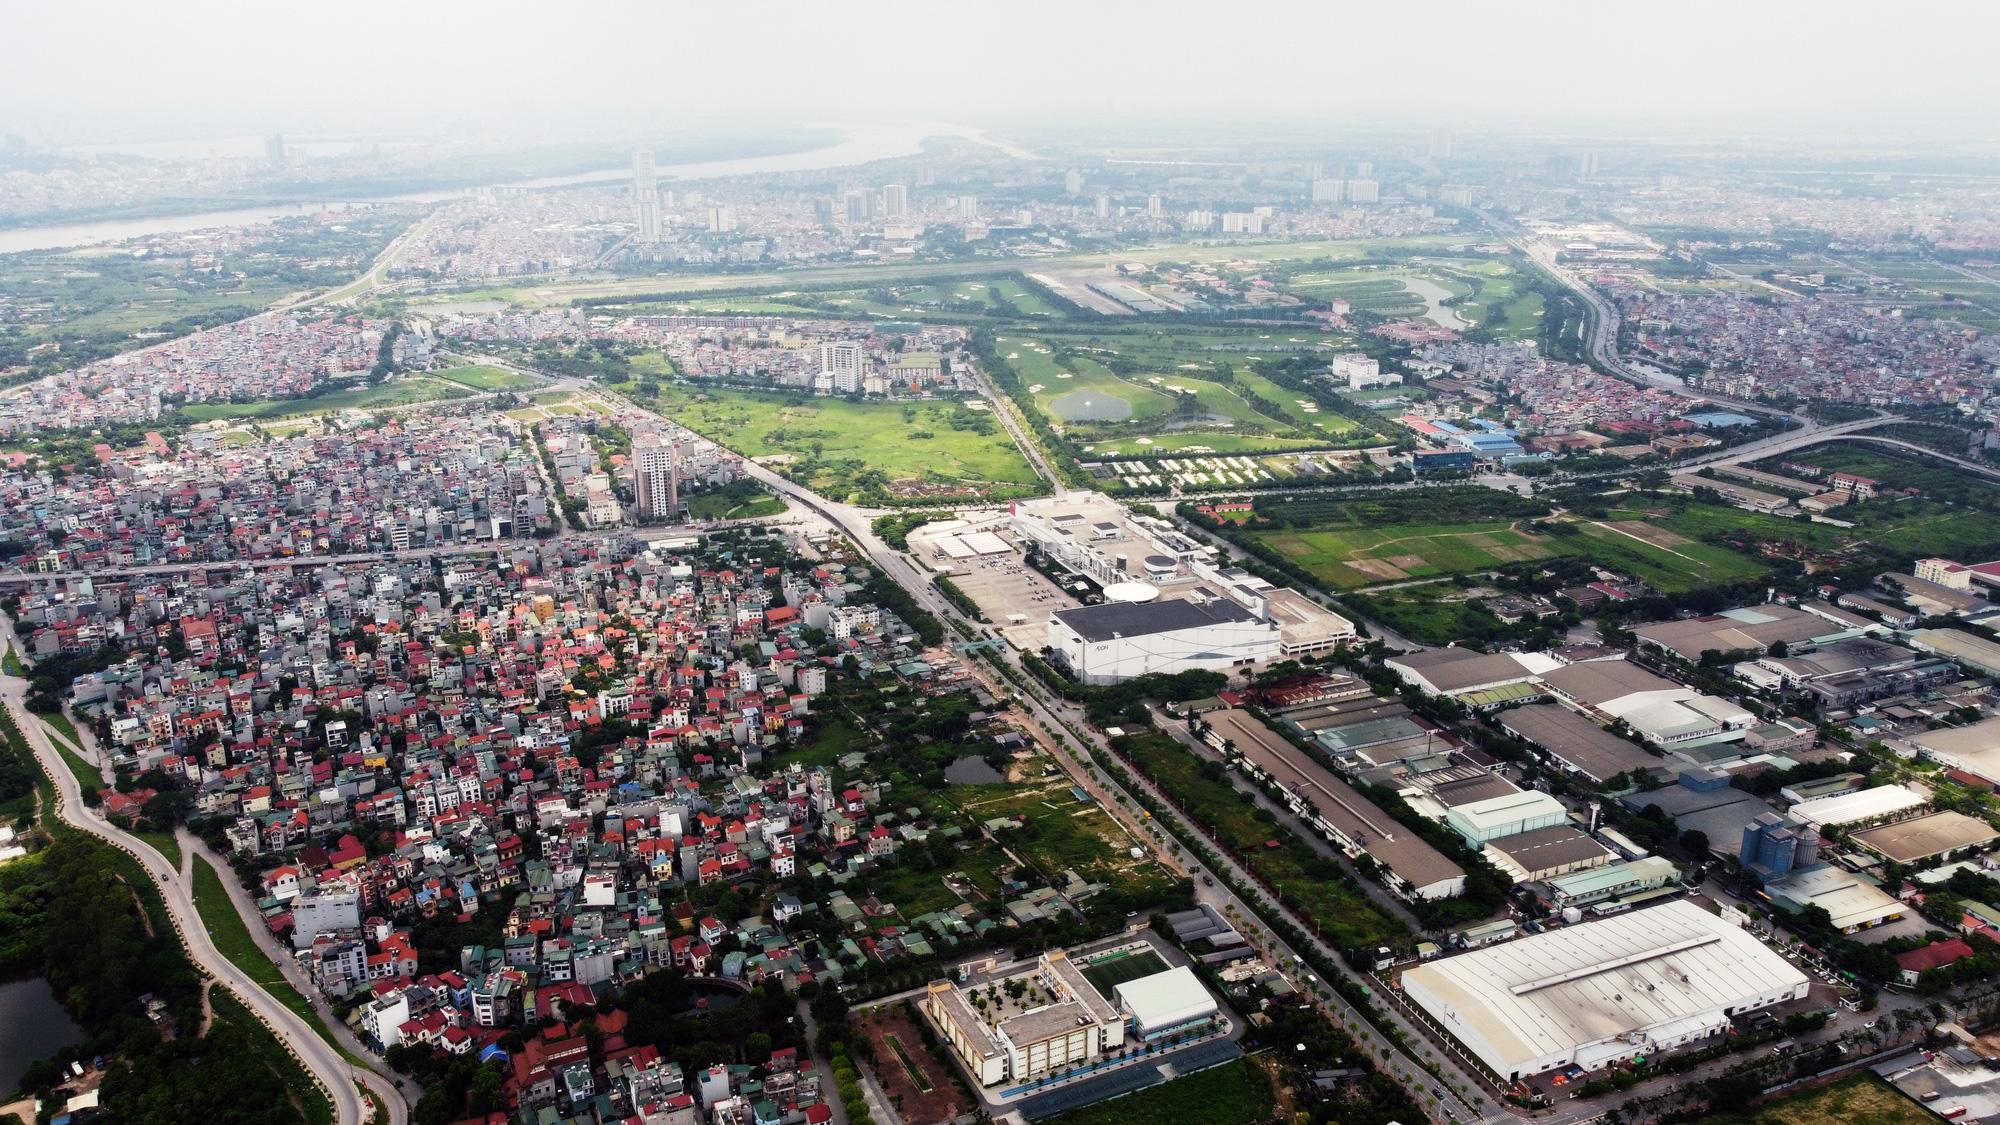 Cầu Trần Hưng Đạo là chất xúc tác mới, đẩy nhanh việc thu hẹp khoảng cách giá BĐS giữa nội đô và vùng ven đông Hà Nội - Ảnh 1.